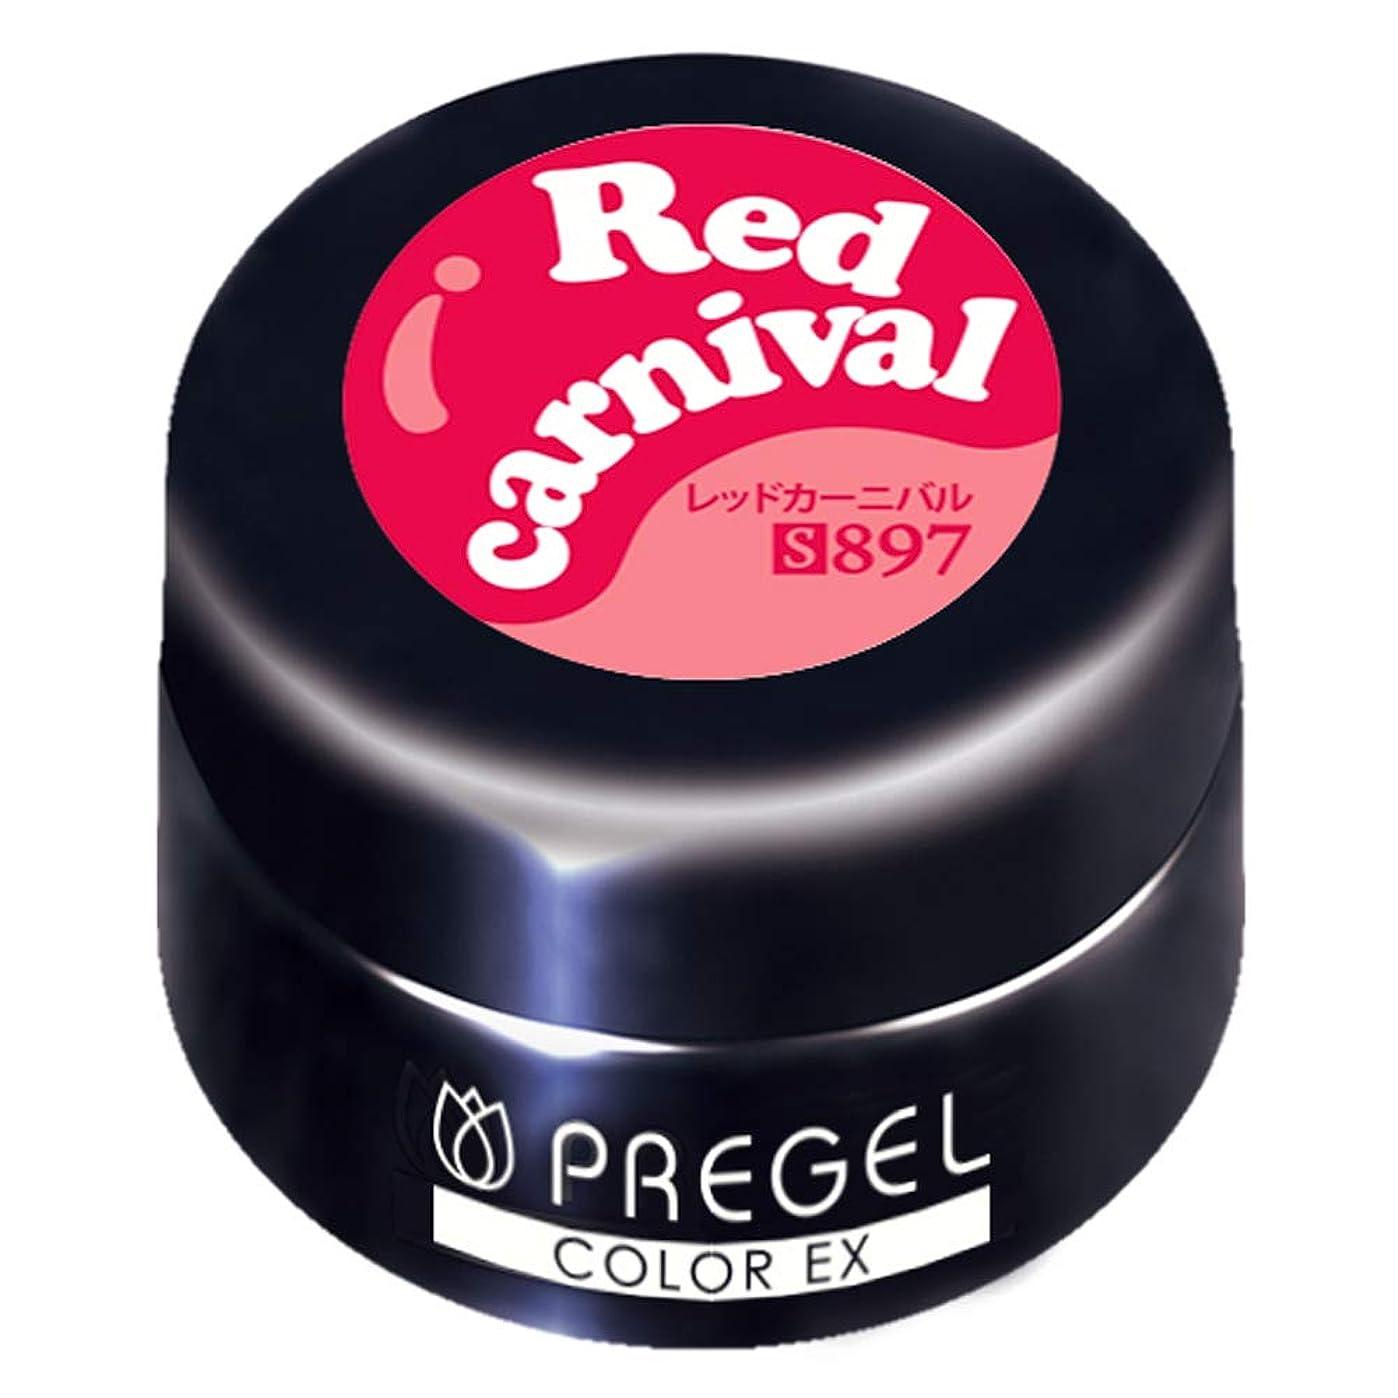 管理者くま一目PRE GEL カラーEX レッドカーニバル 3g PG-CE897